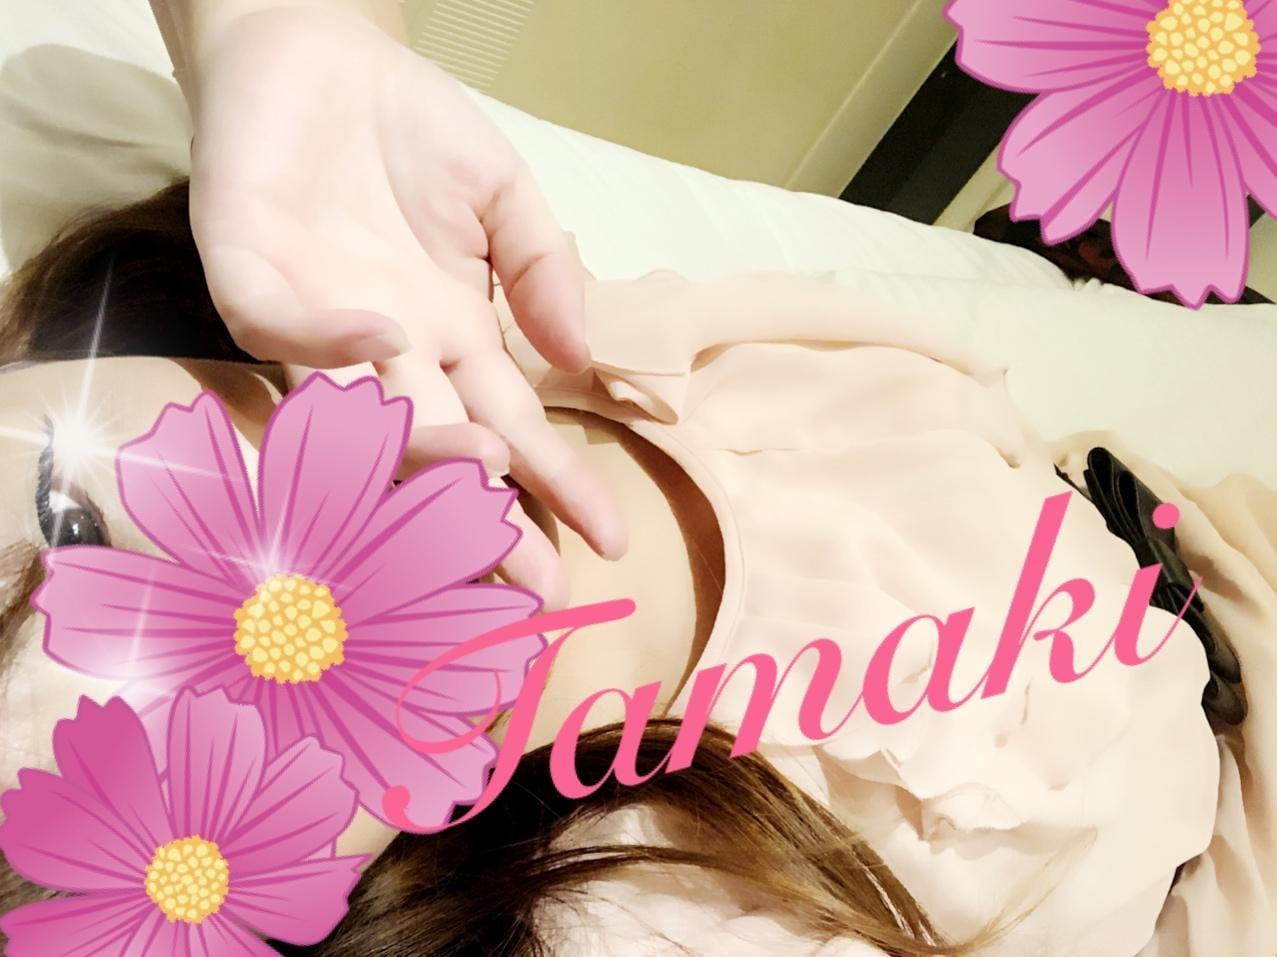 「出勤&お詫び(・ω・)ノ」09/16(09/16) 09:58 | たまきさんの写メ・風俗動画